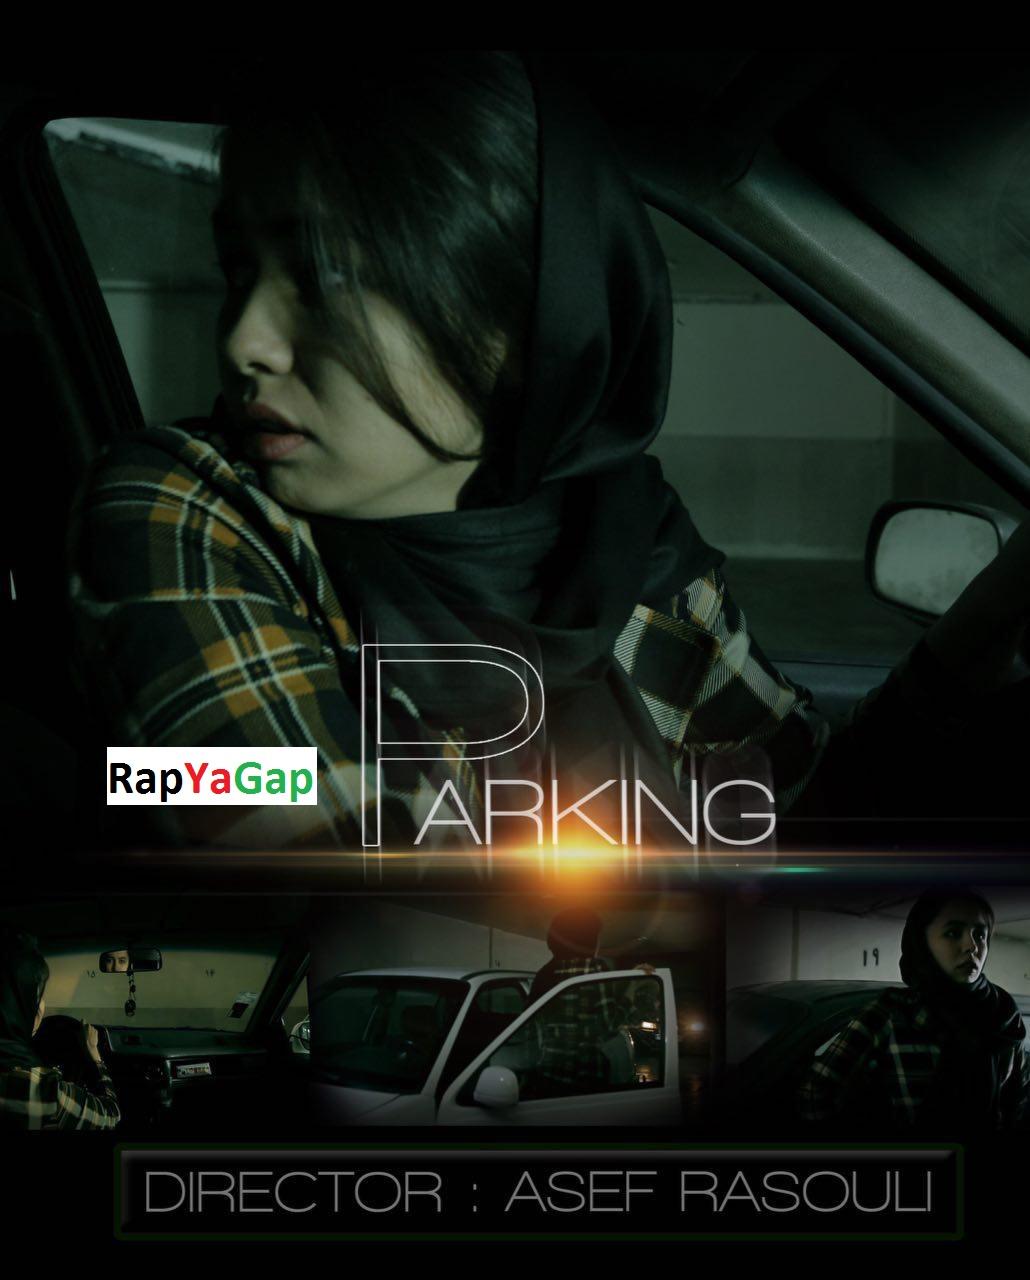 دانلود رایگان فیلم کوتاه پارکینگ محصول کشور افغانستان